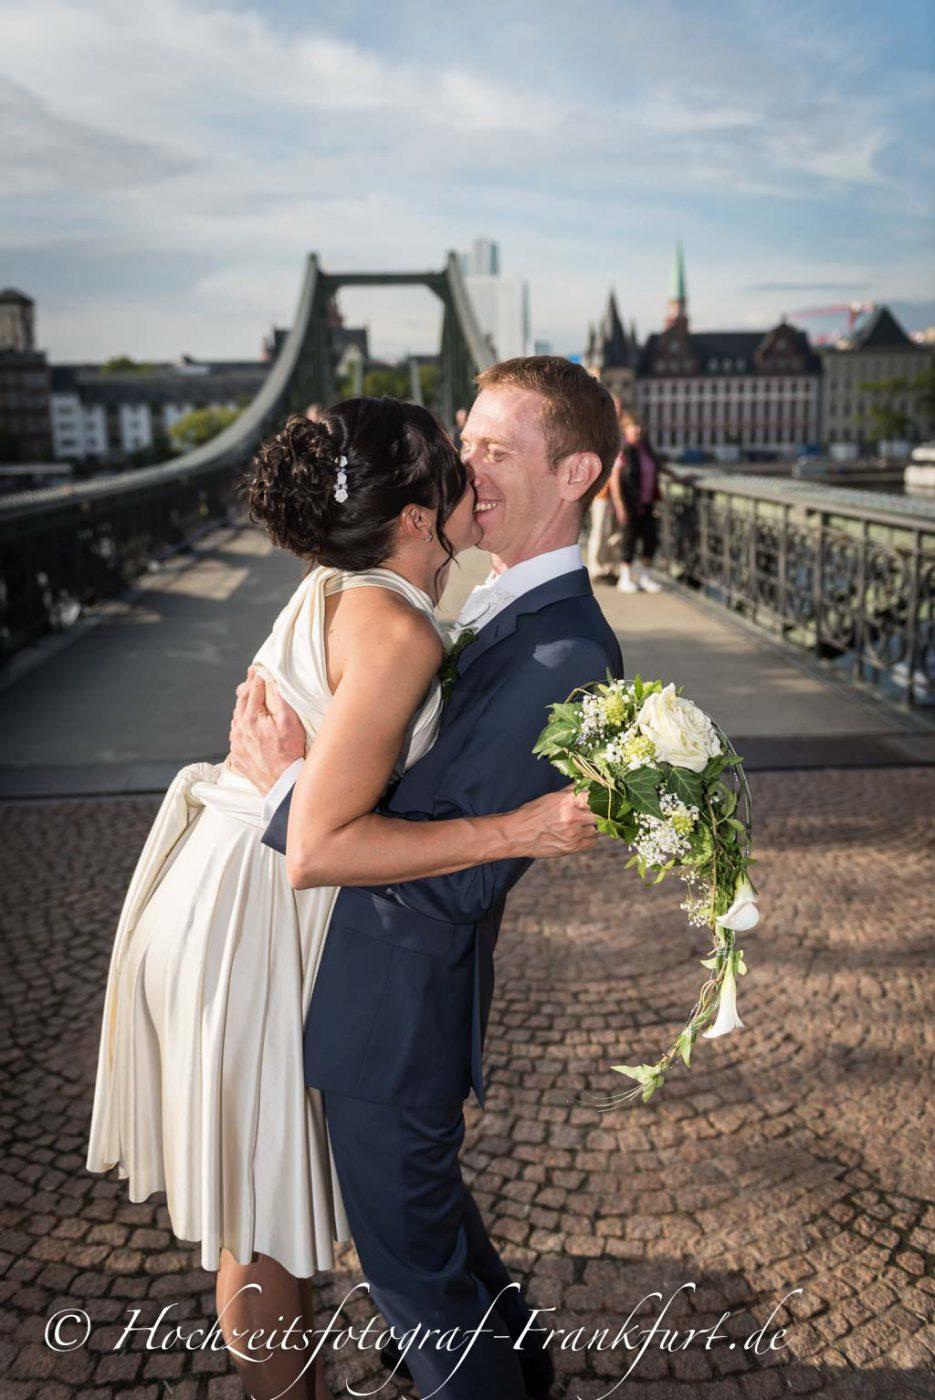 Standesamt Frankfurt am Main: Foto des Hochzeitspaares auf dem Eisernen Steg I.